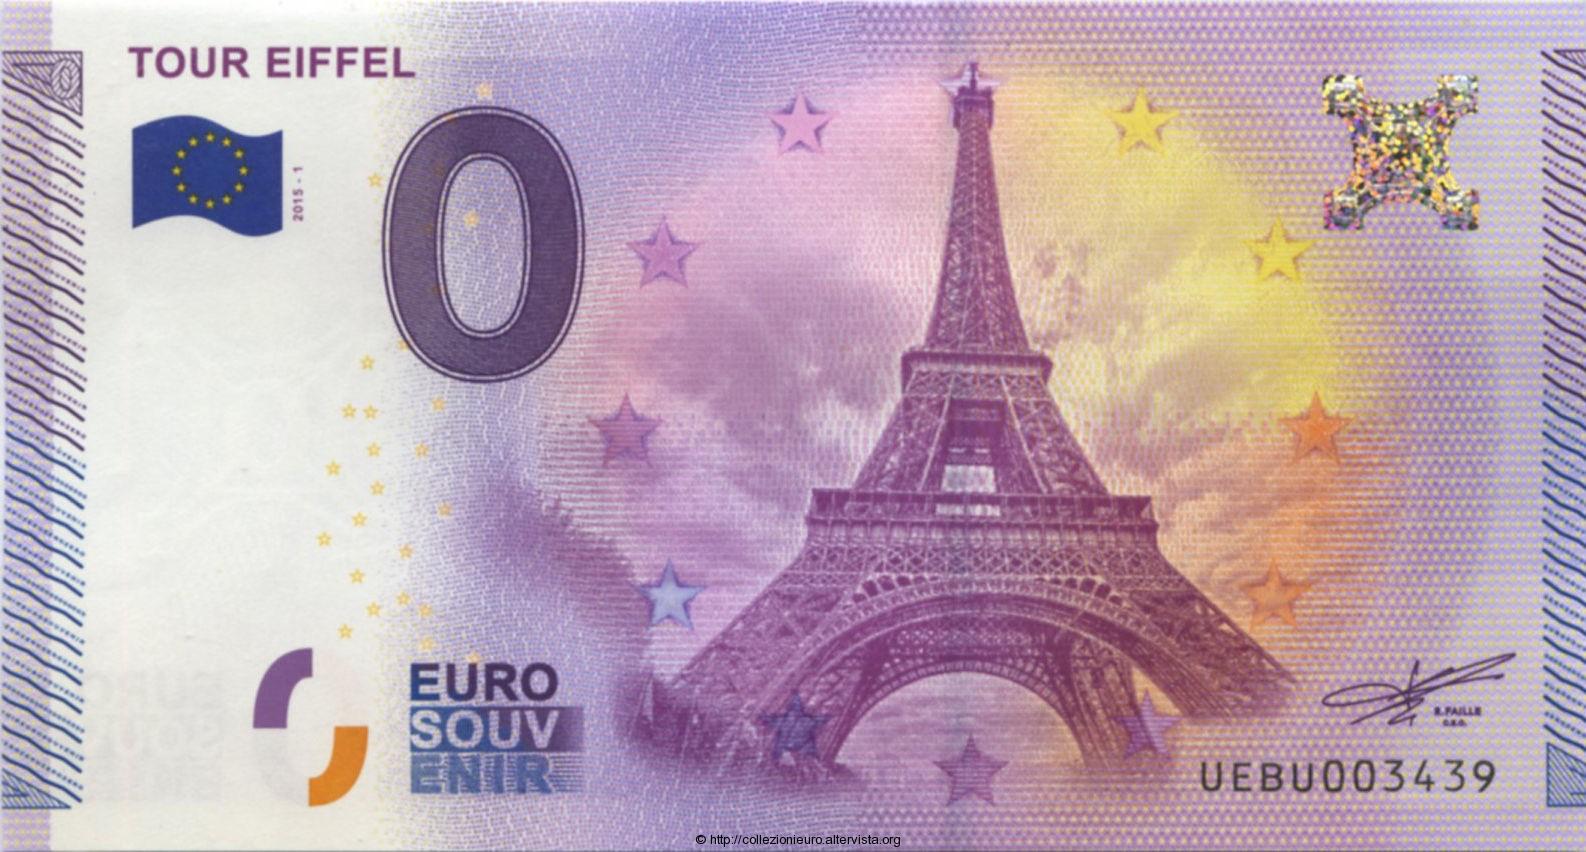 Biglietto turistico Tour Eiffel A